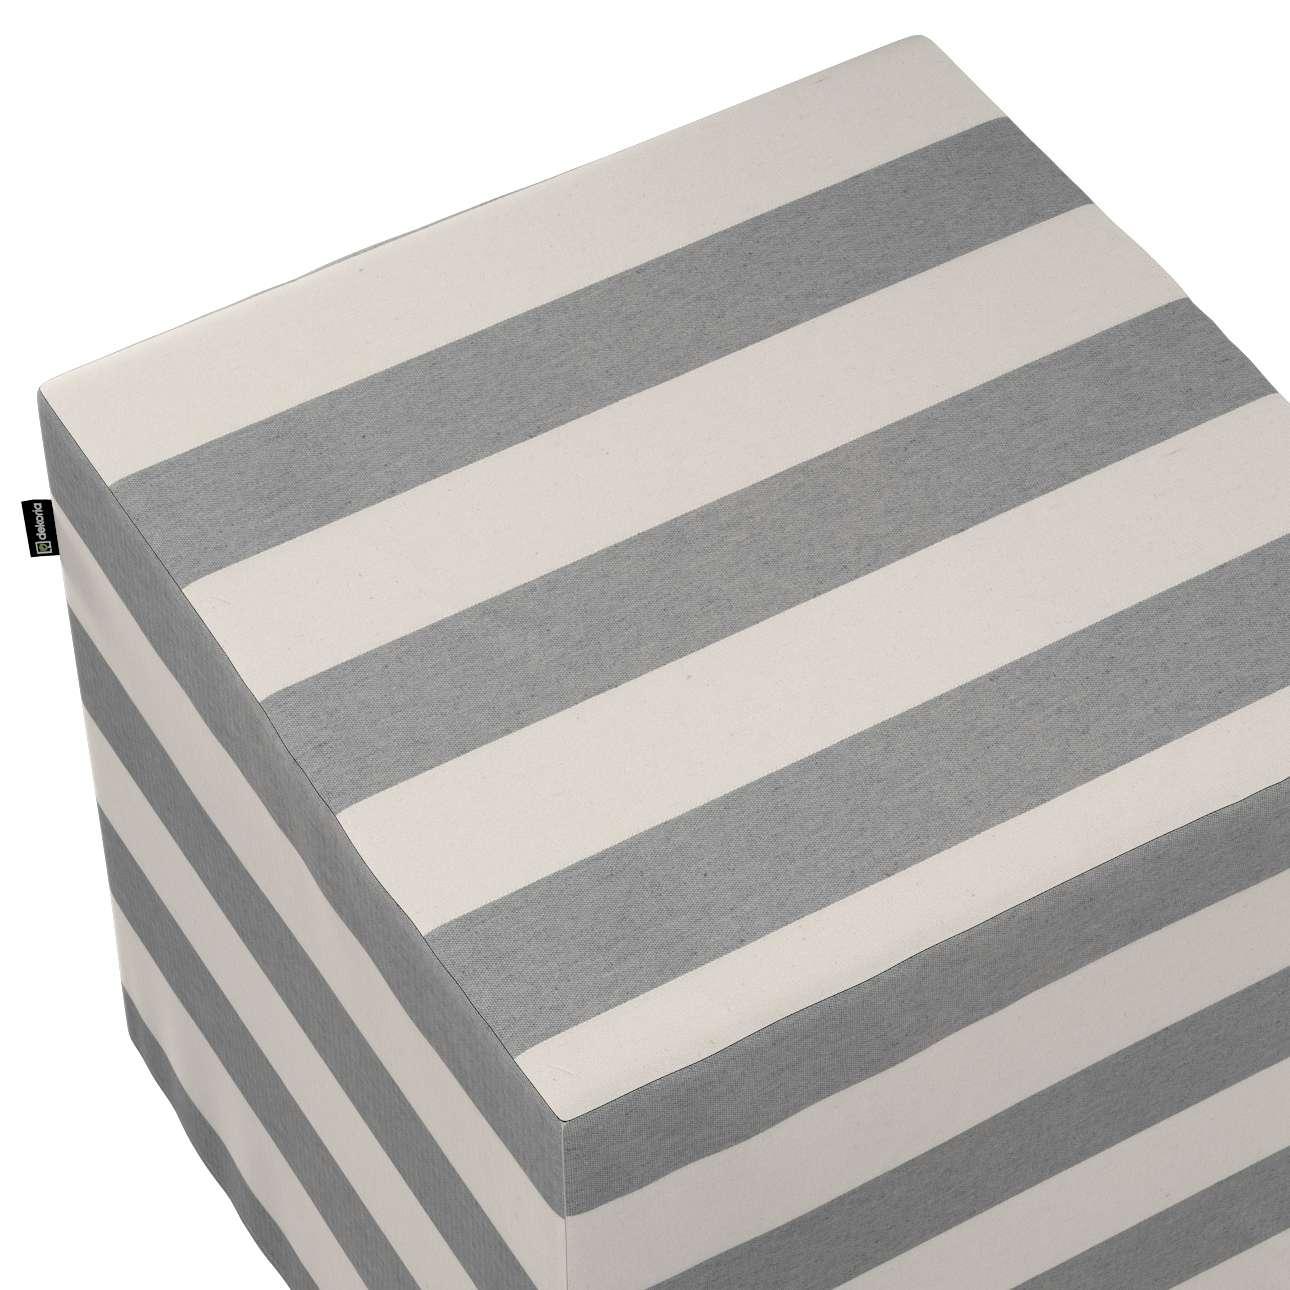 Siddepuf og fodskammel fra kollektionen Quadro II, Stof: 142-71